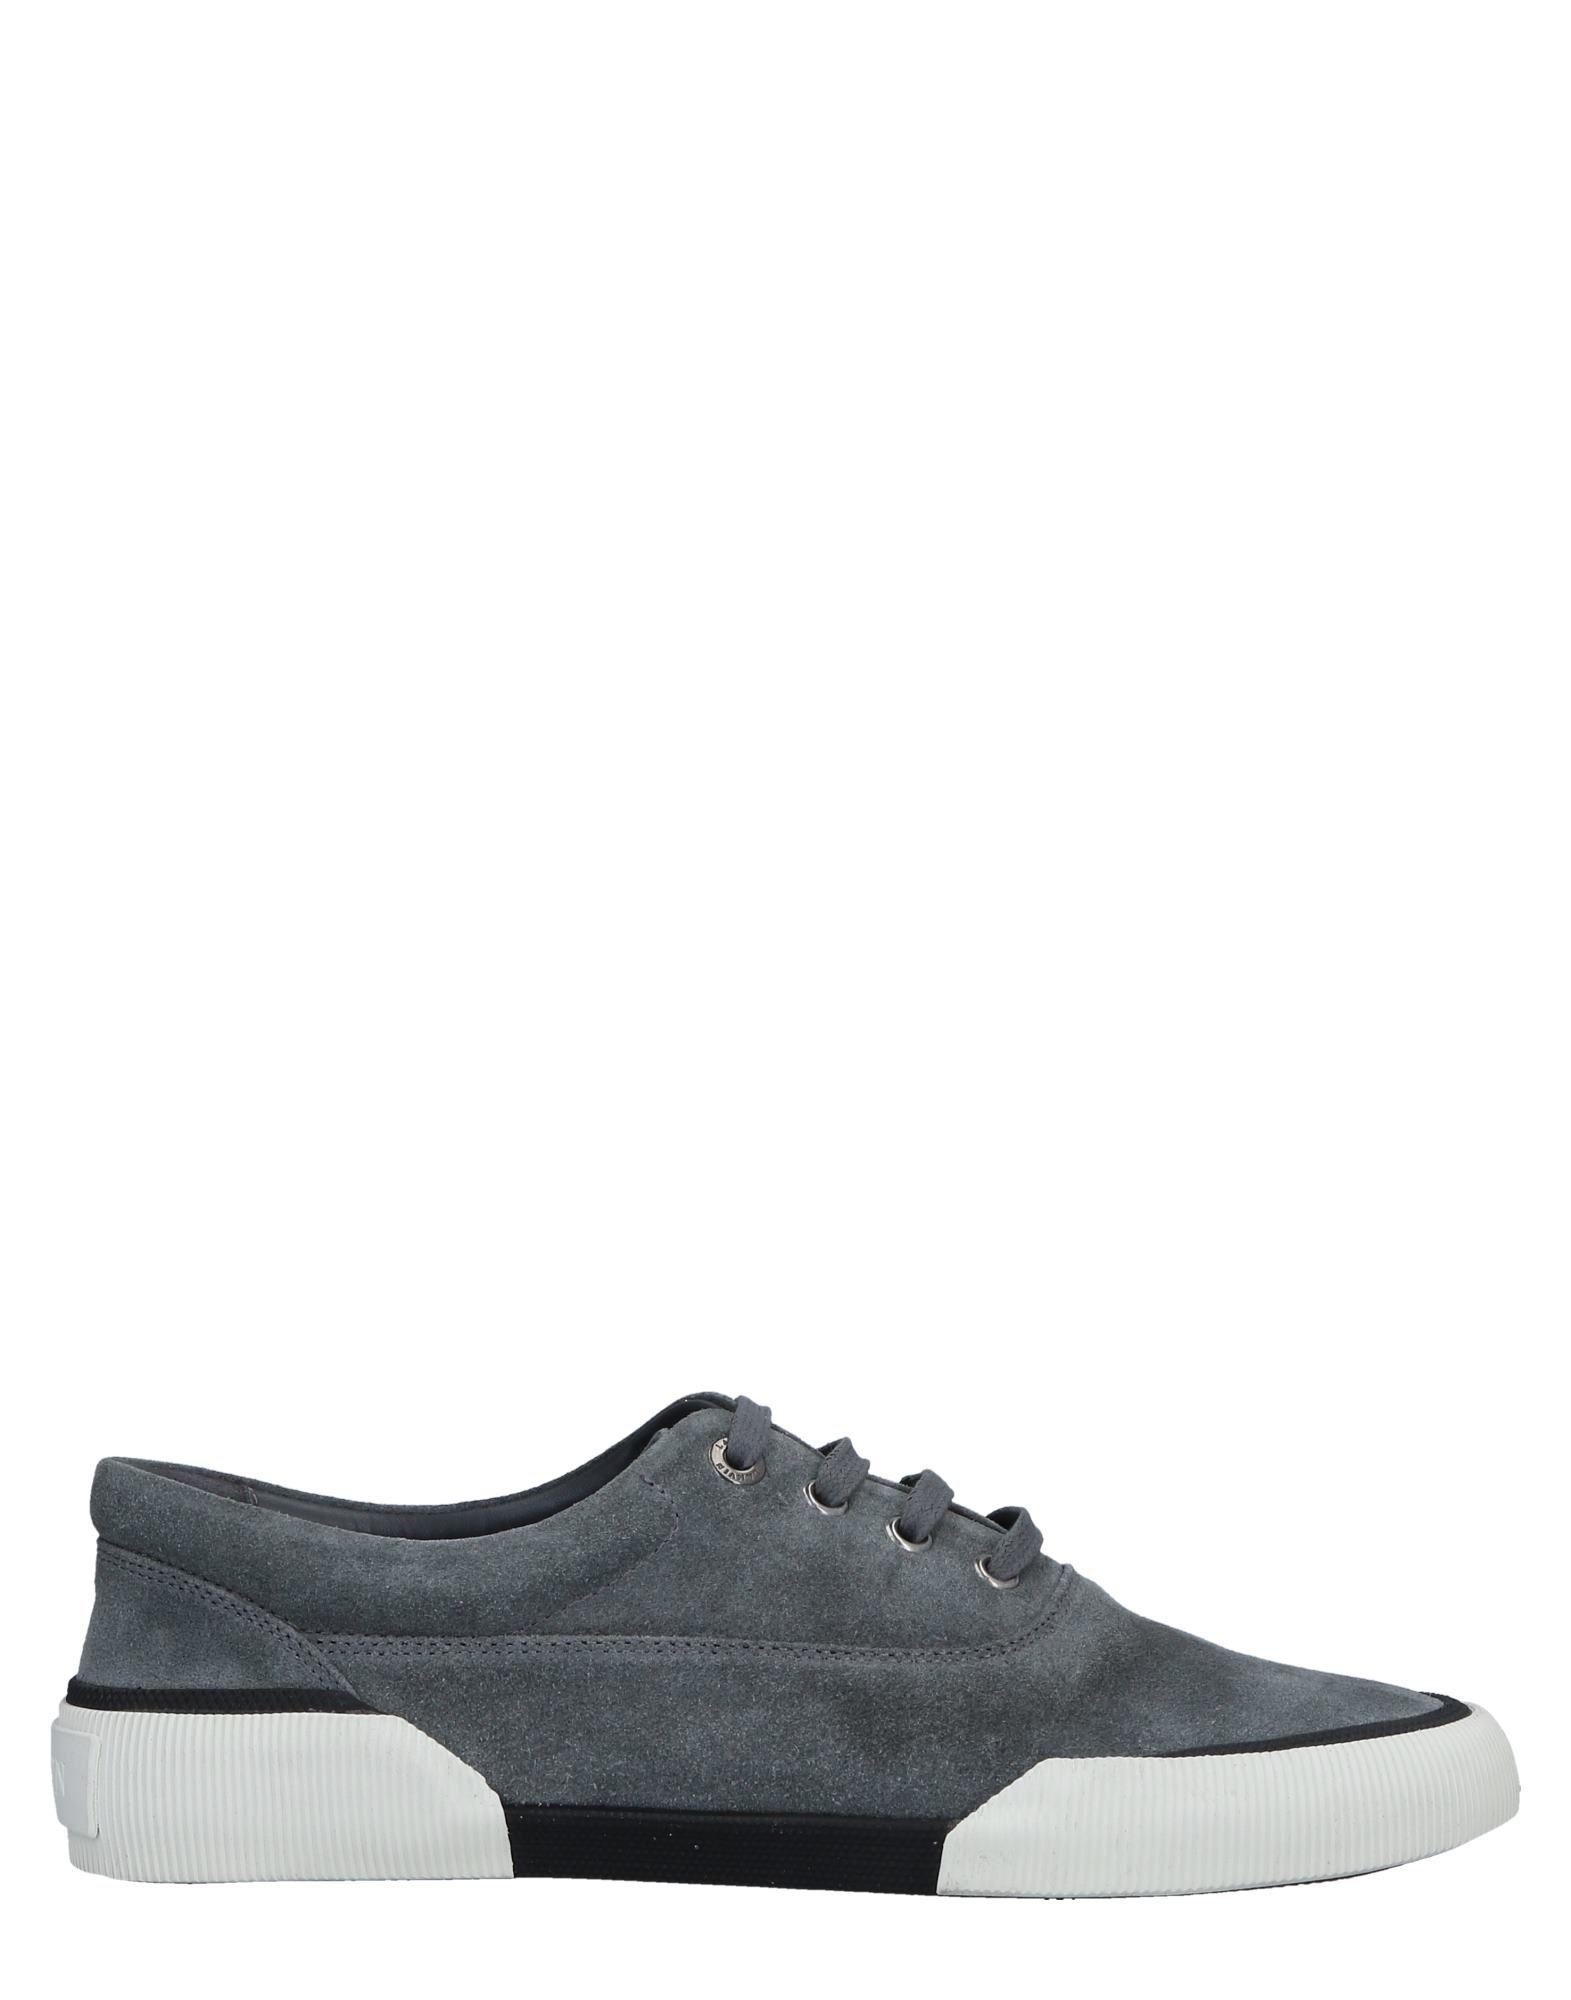 Moda Sneakers Lanvin Uomo - 11519247JJ